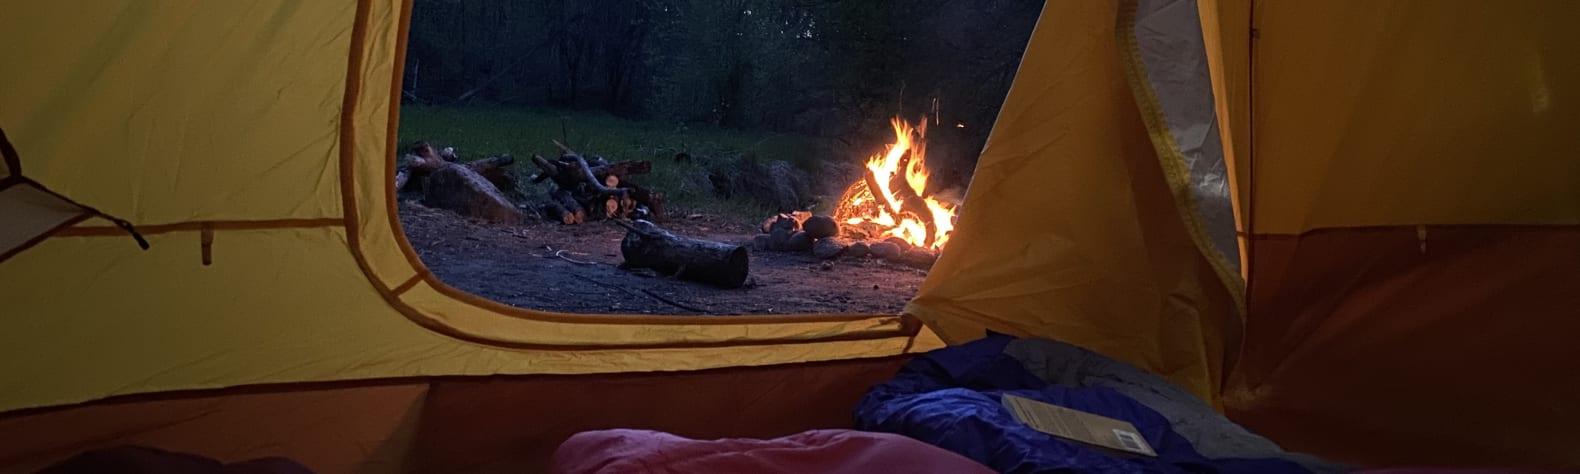 Prairie Creek Forest Campground